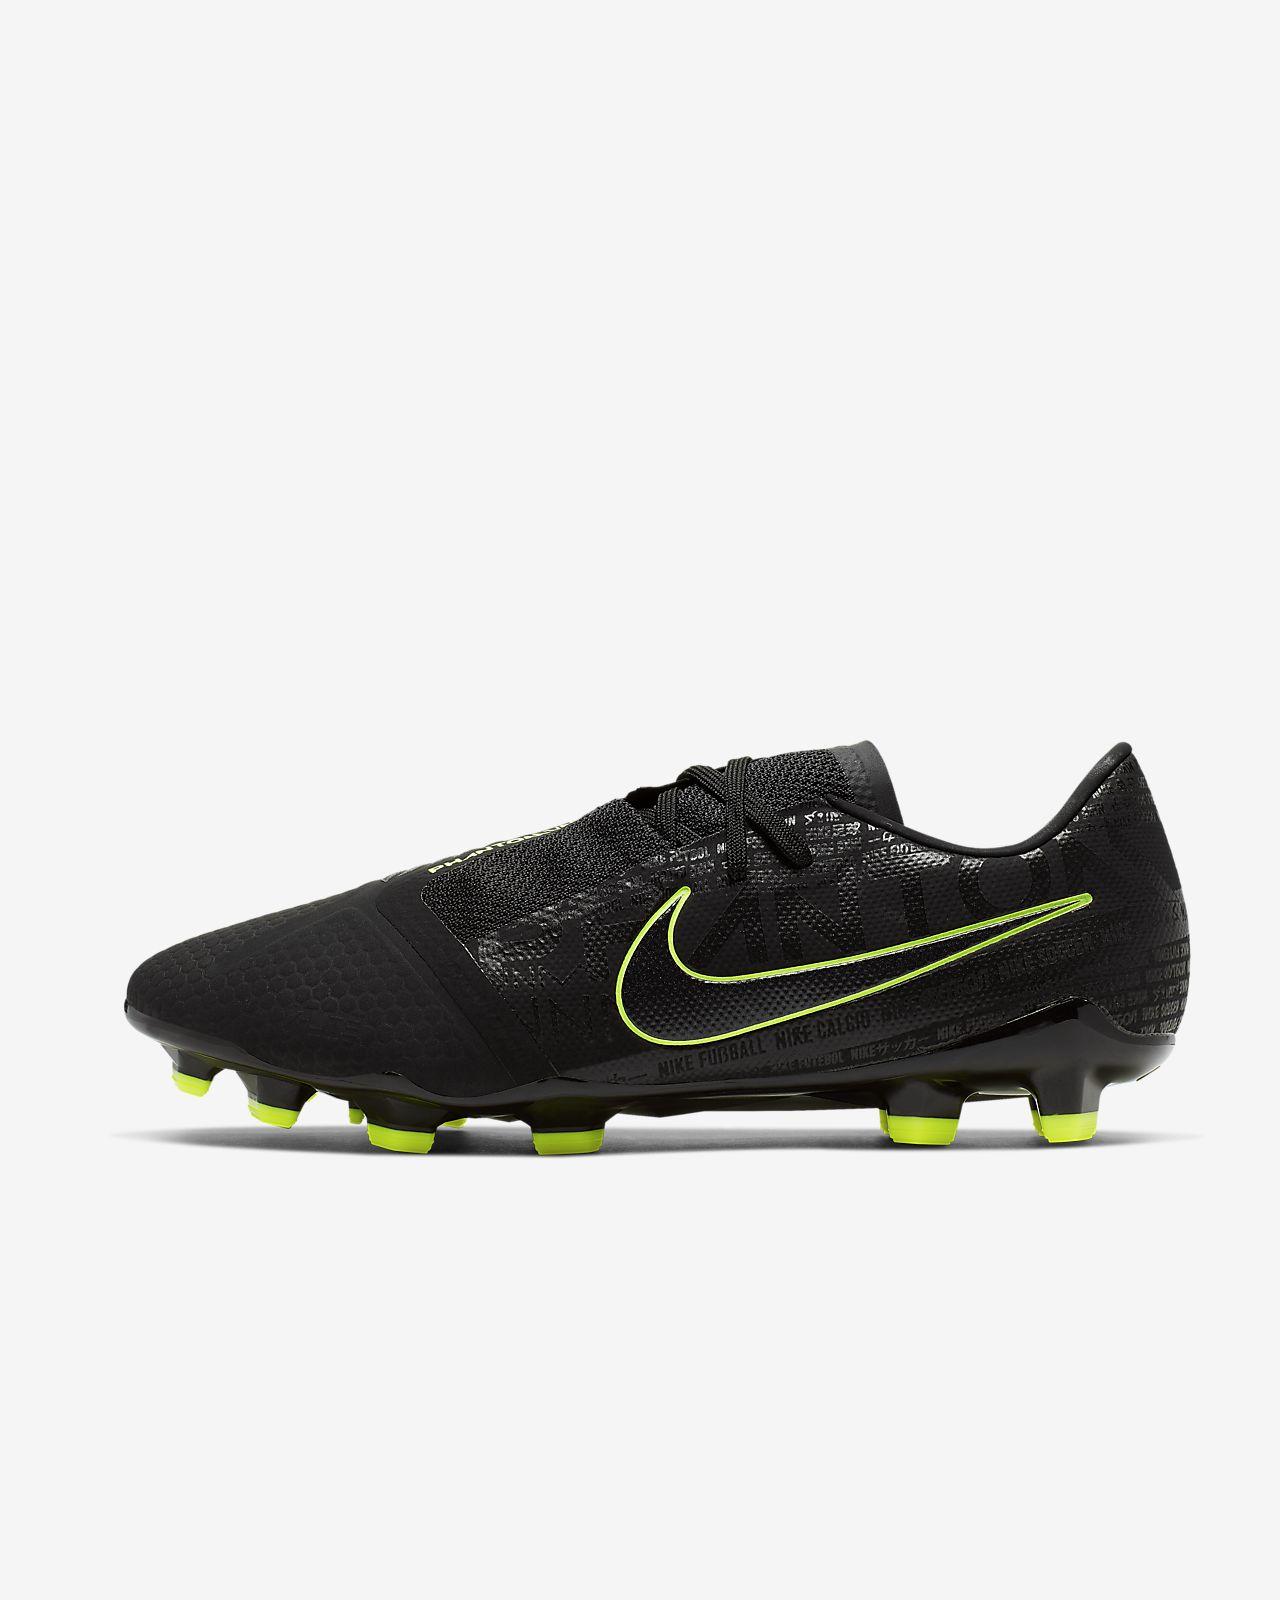 Chaussure de football à crampons pour terrain sec Nike Phantom Venom Pro FG